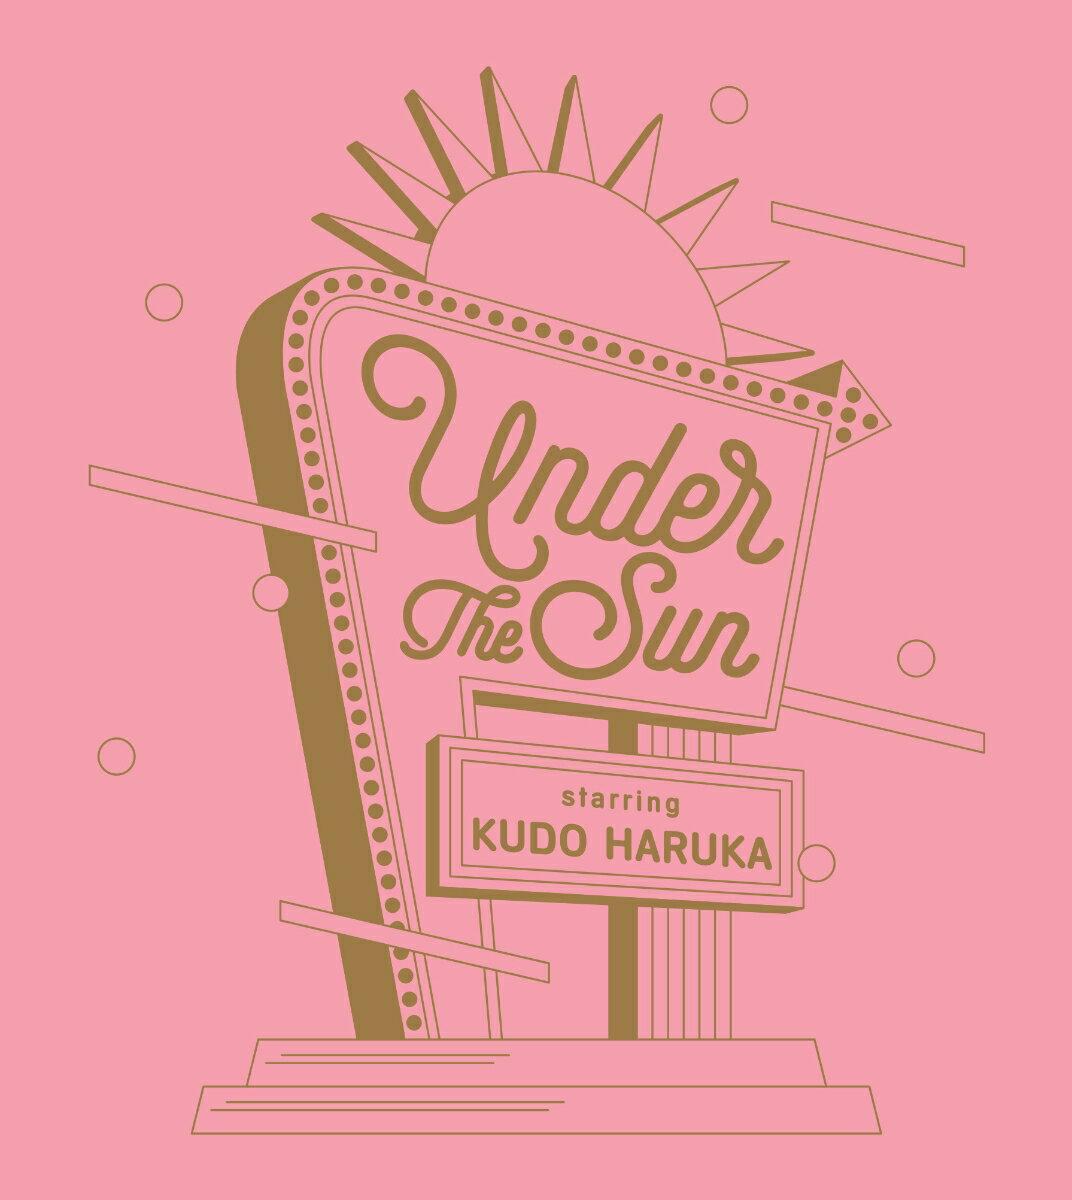 邦楽, ロック・ポップス Under the Sun ( CDBlu-ray100PBOX)